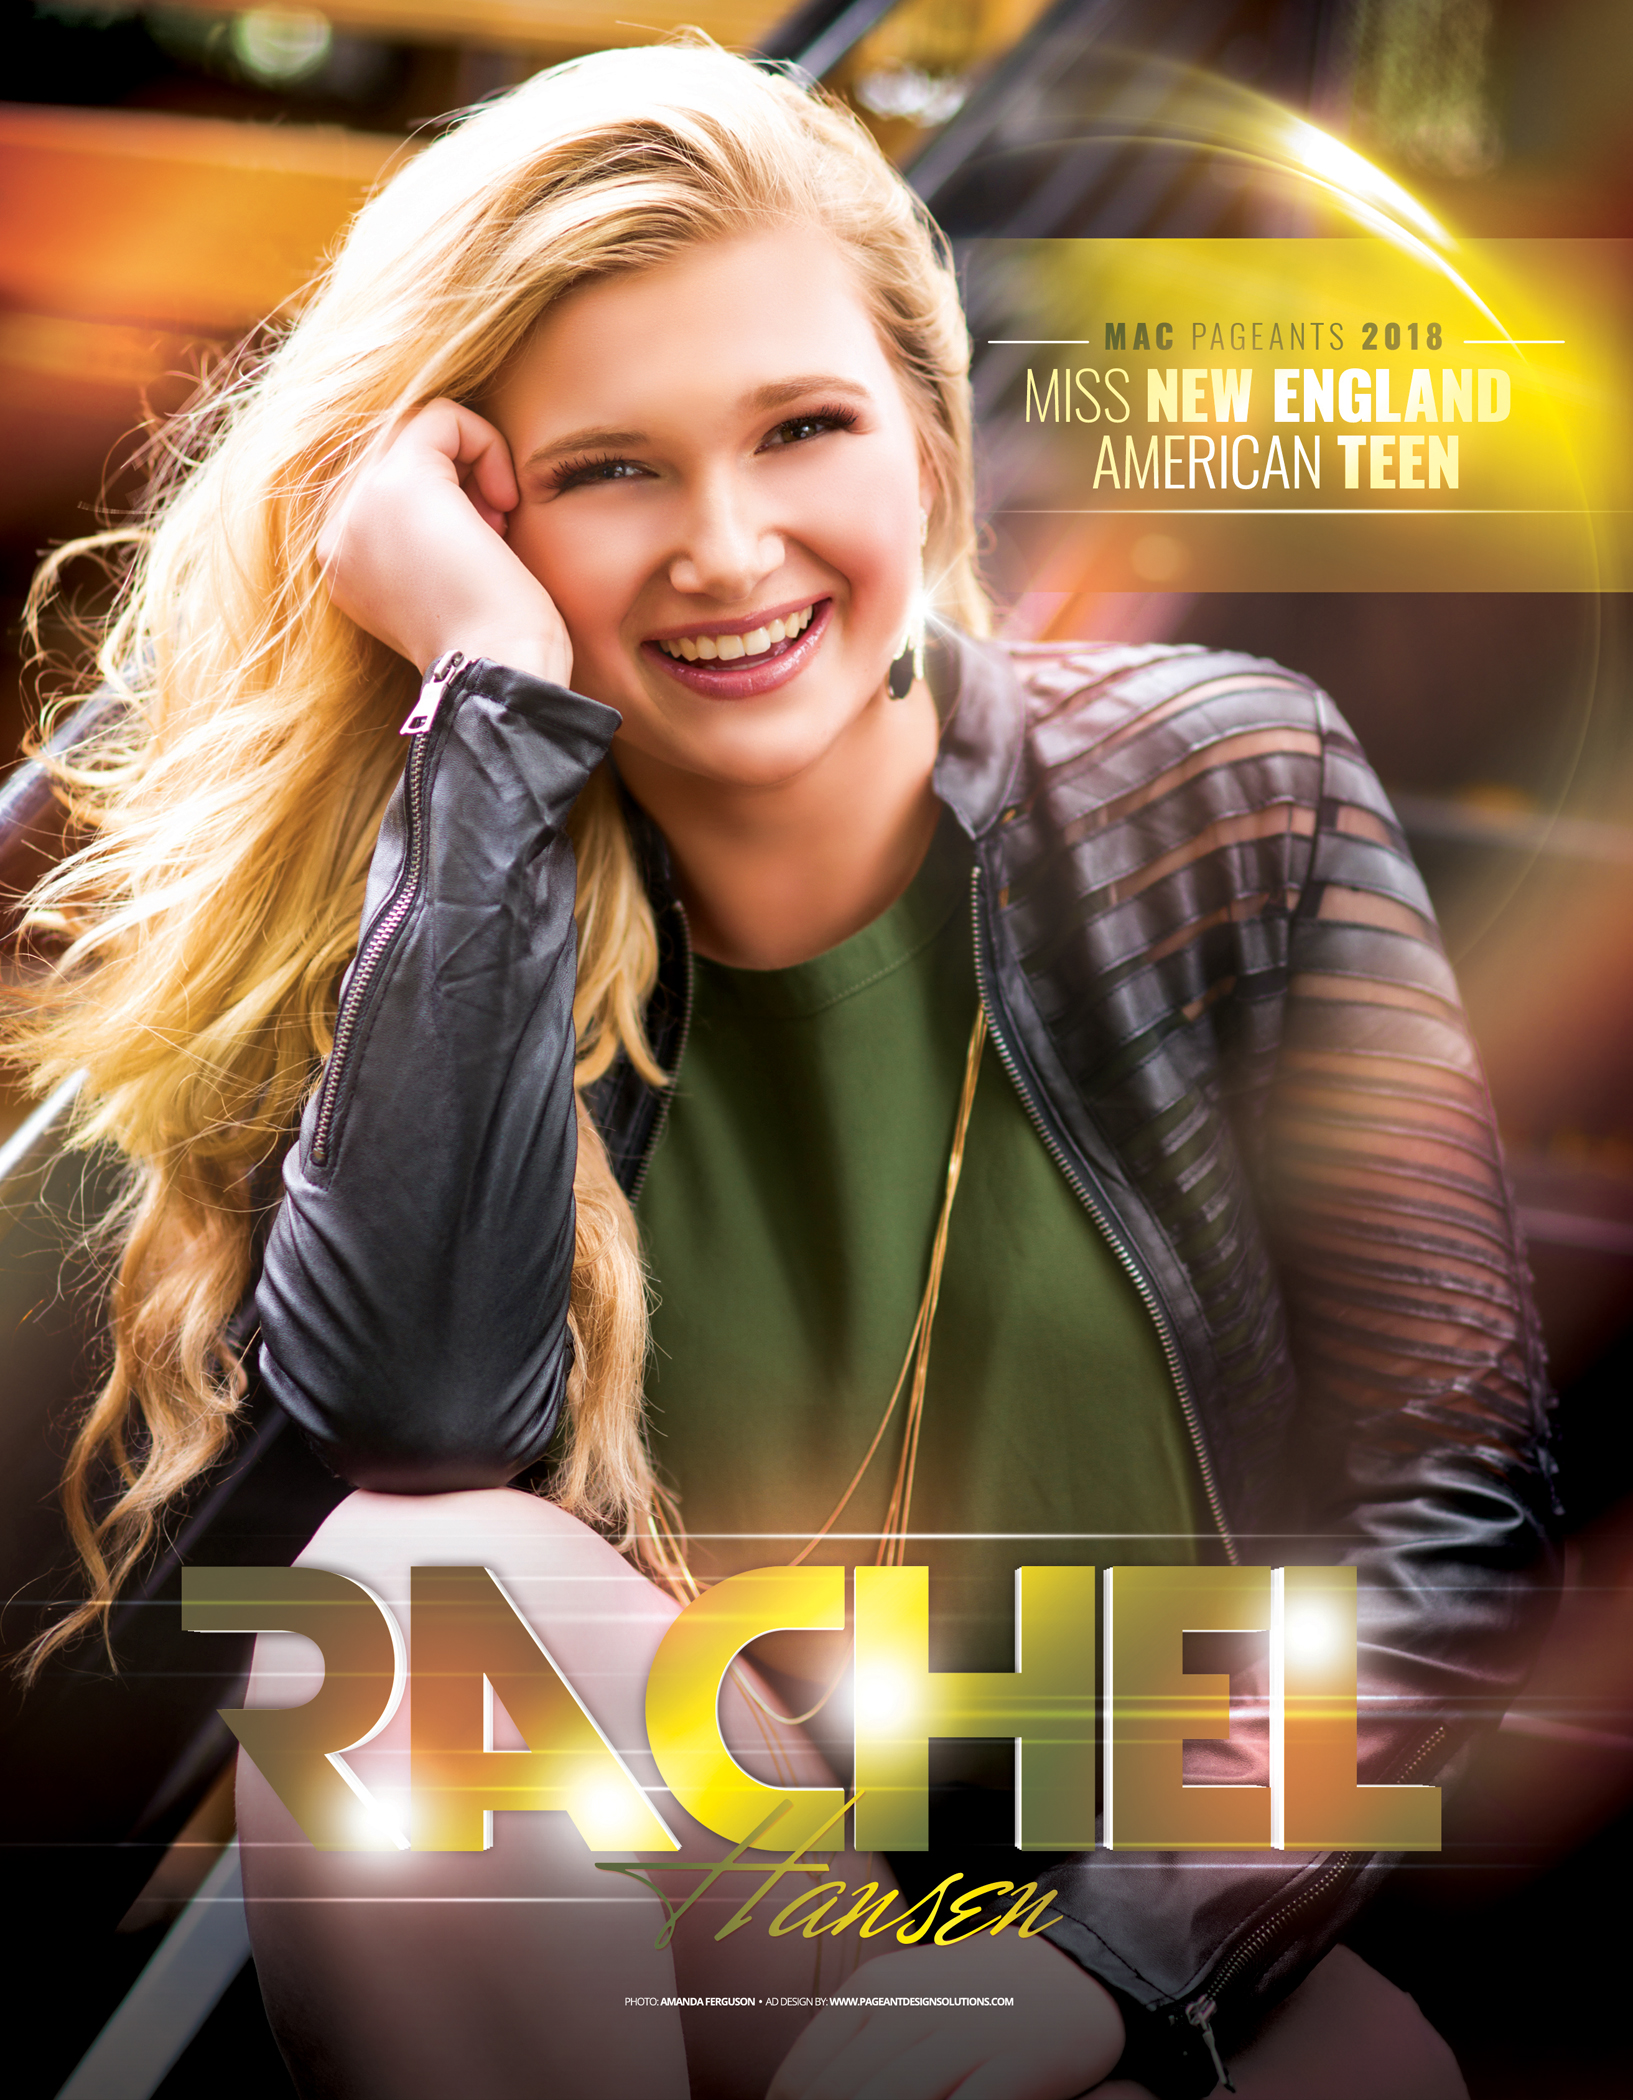 Hansen, Rachel AD 2 300dpi CMYK FULL BLE